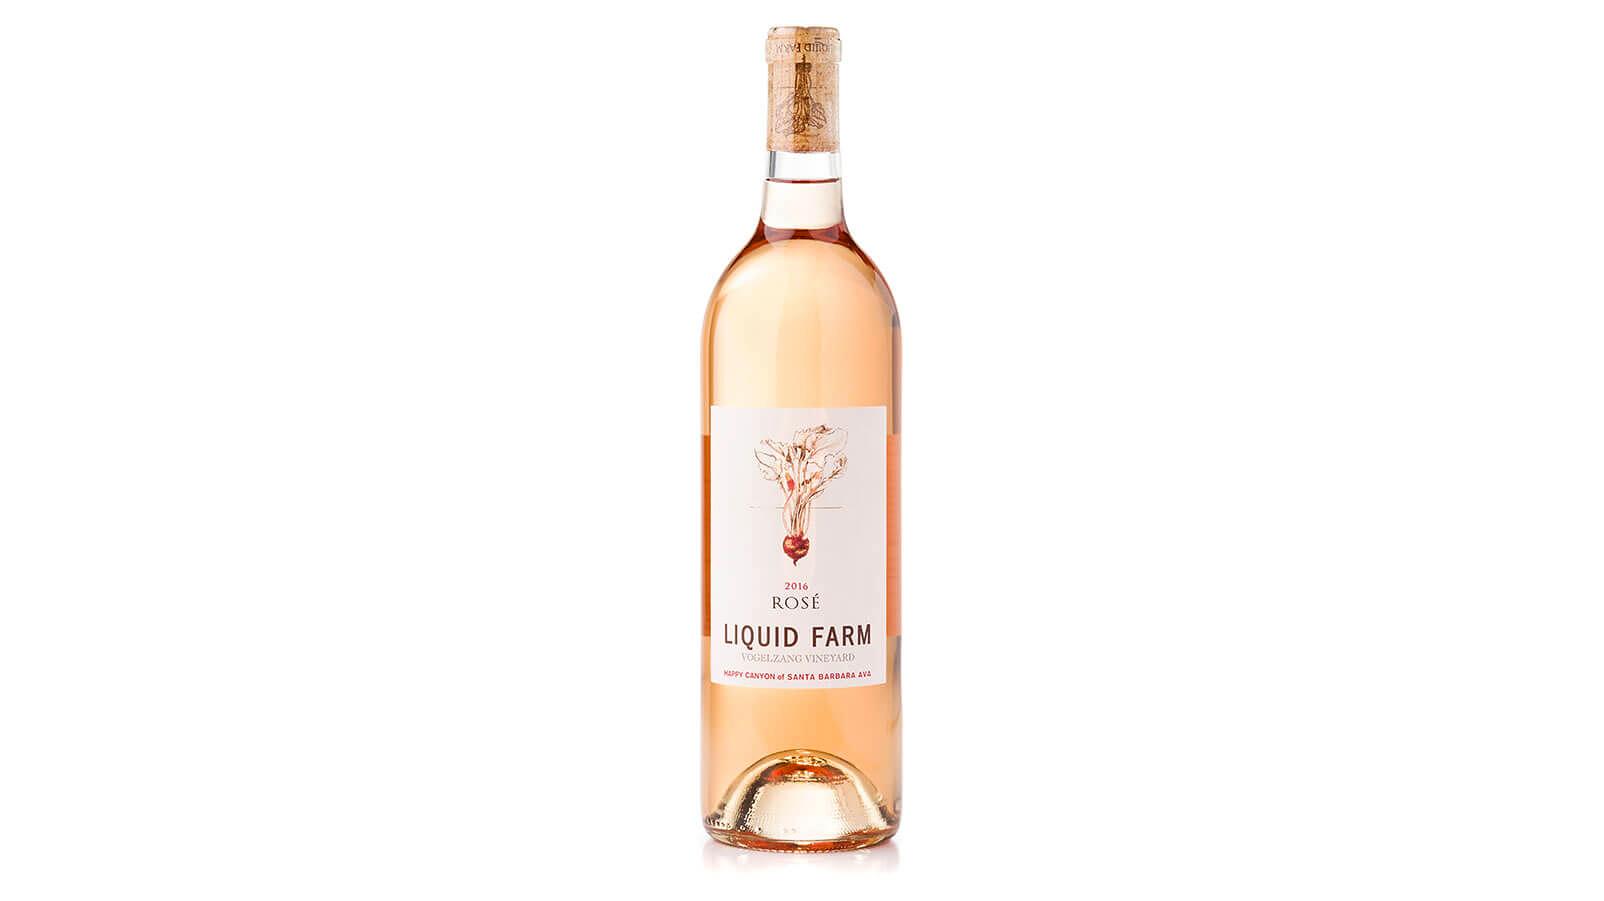 special occasion wines liquid farm rose